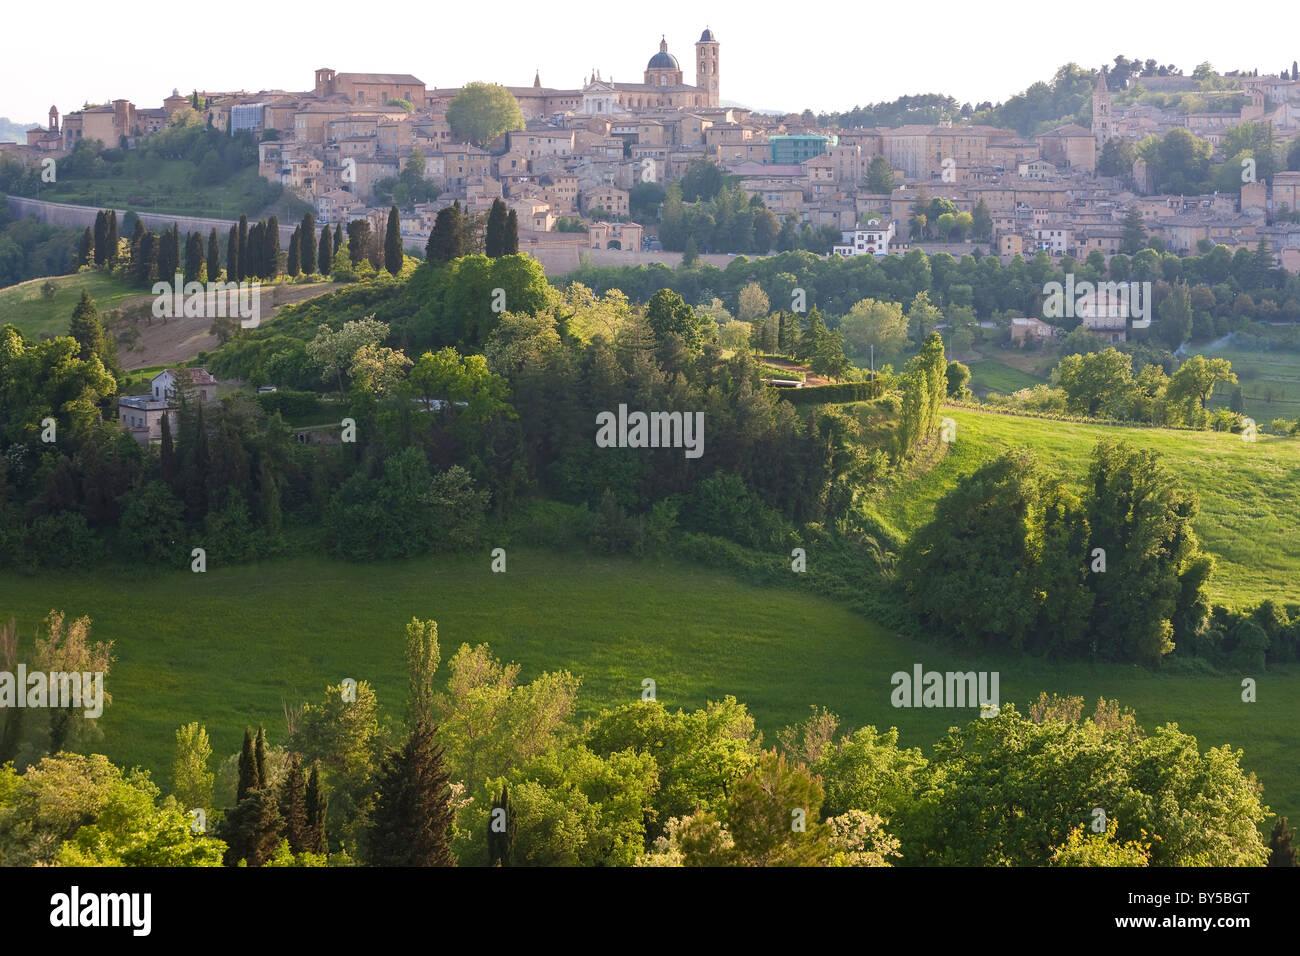 Urbino, Marche, Italy - Stock Image